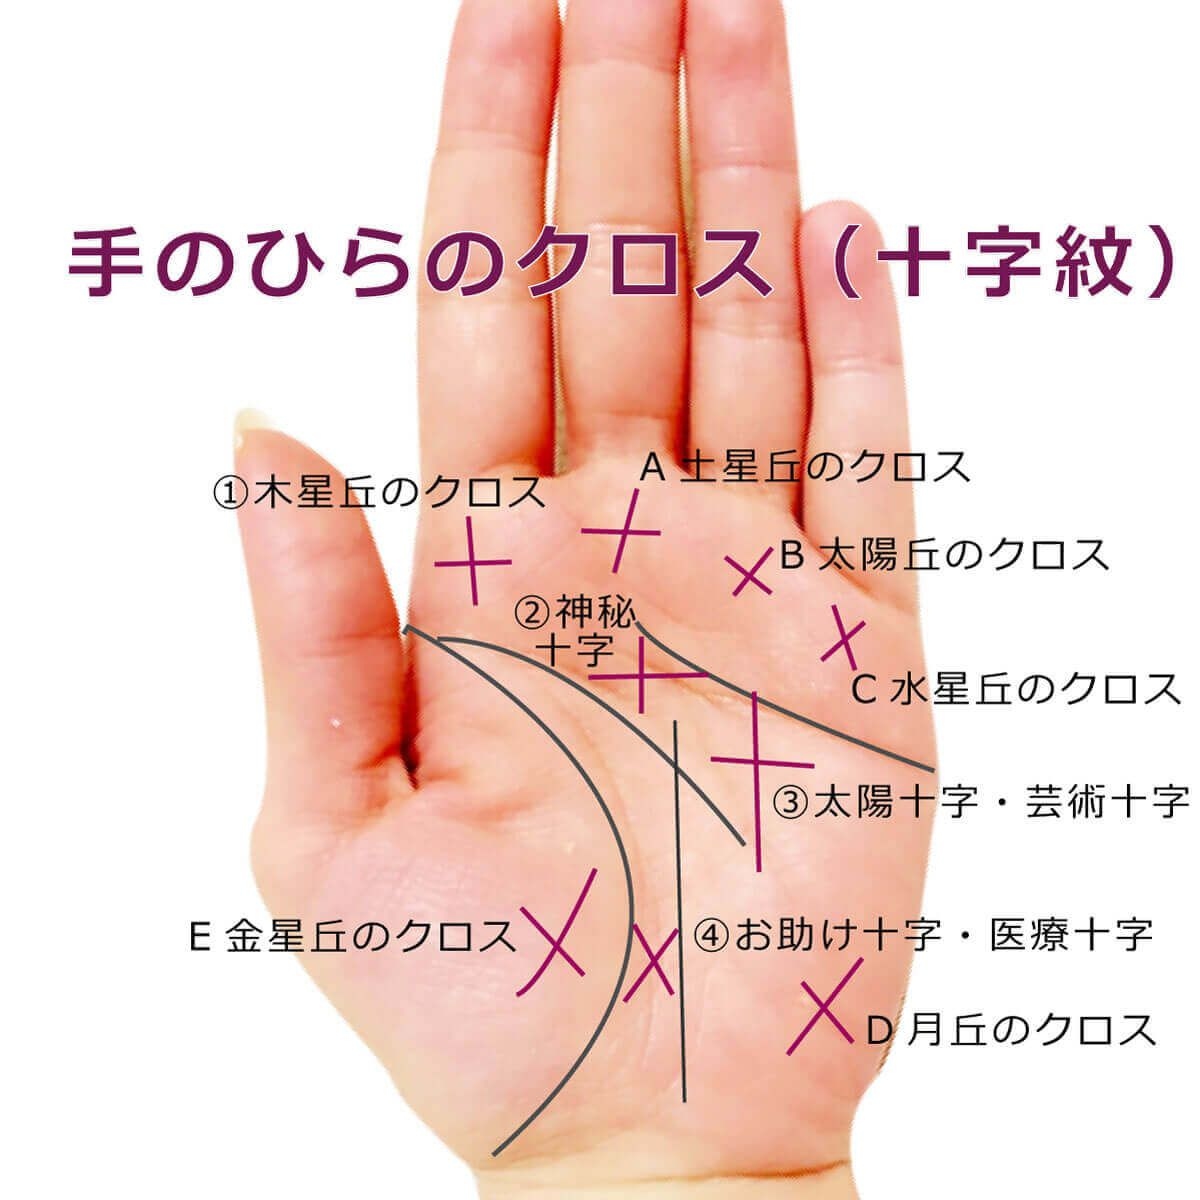 Photo of 【手相紋占い3】手のひらにクロス・十字紋・十字線(バツ印×・プラス印+)がある手相の見方